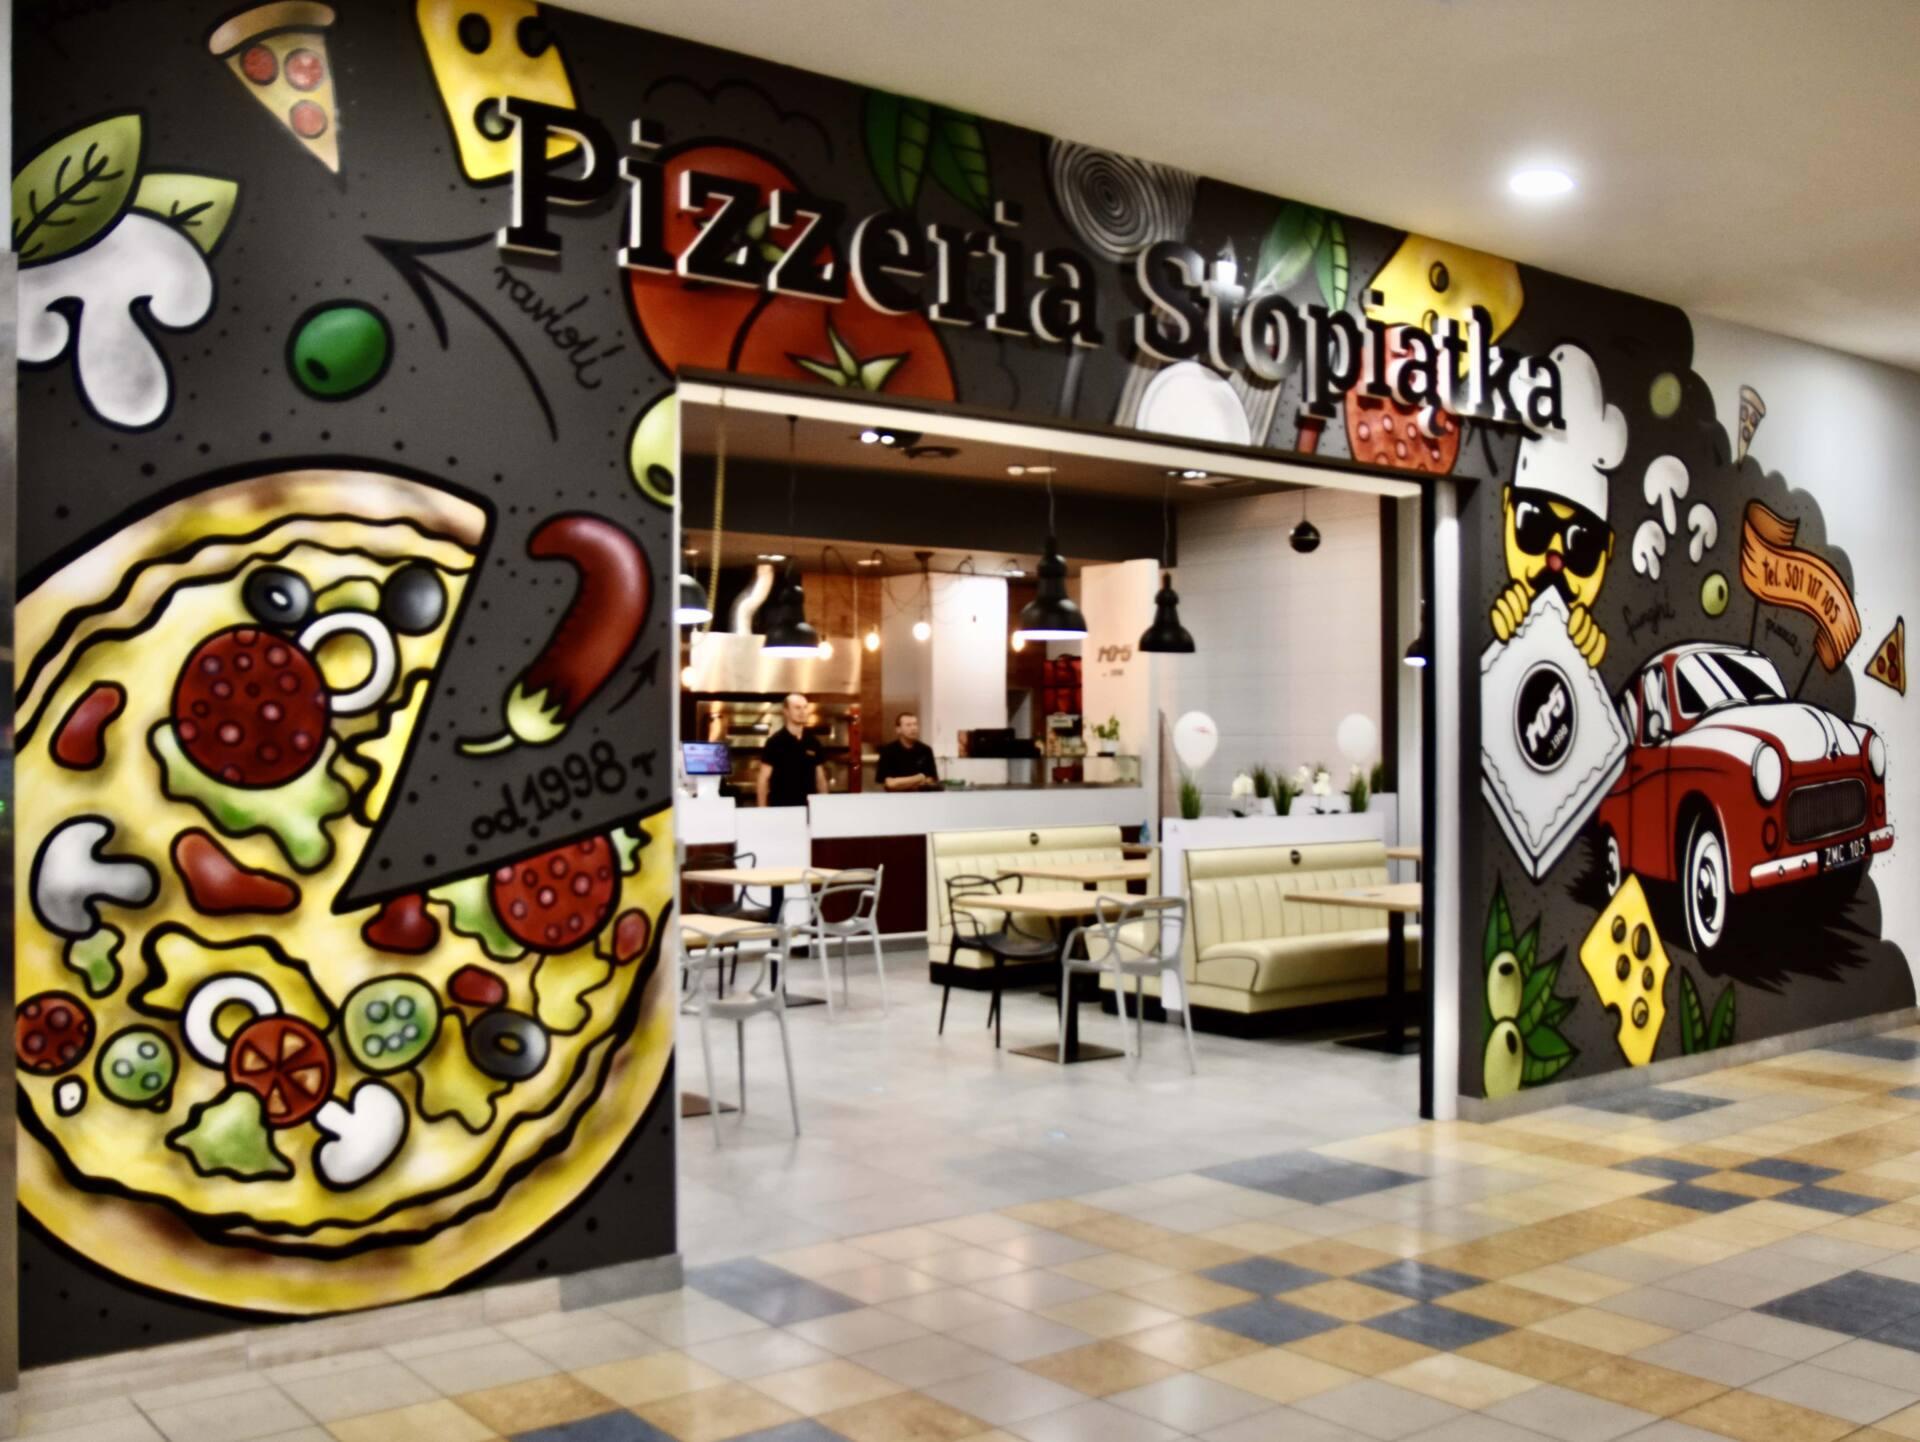 dsc 3286 Pizzeria Stopiątka otworzyła swój pierwszy lokal w Zamościu.